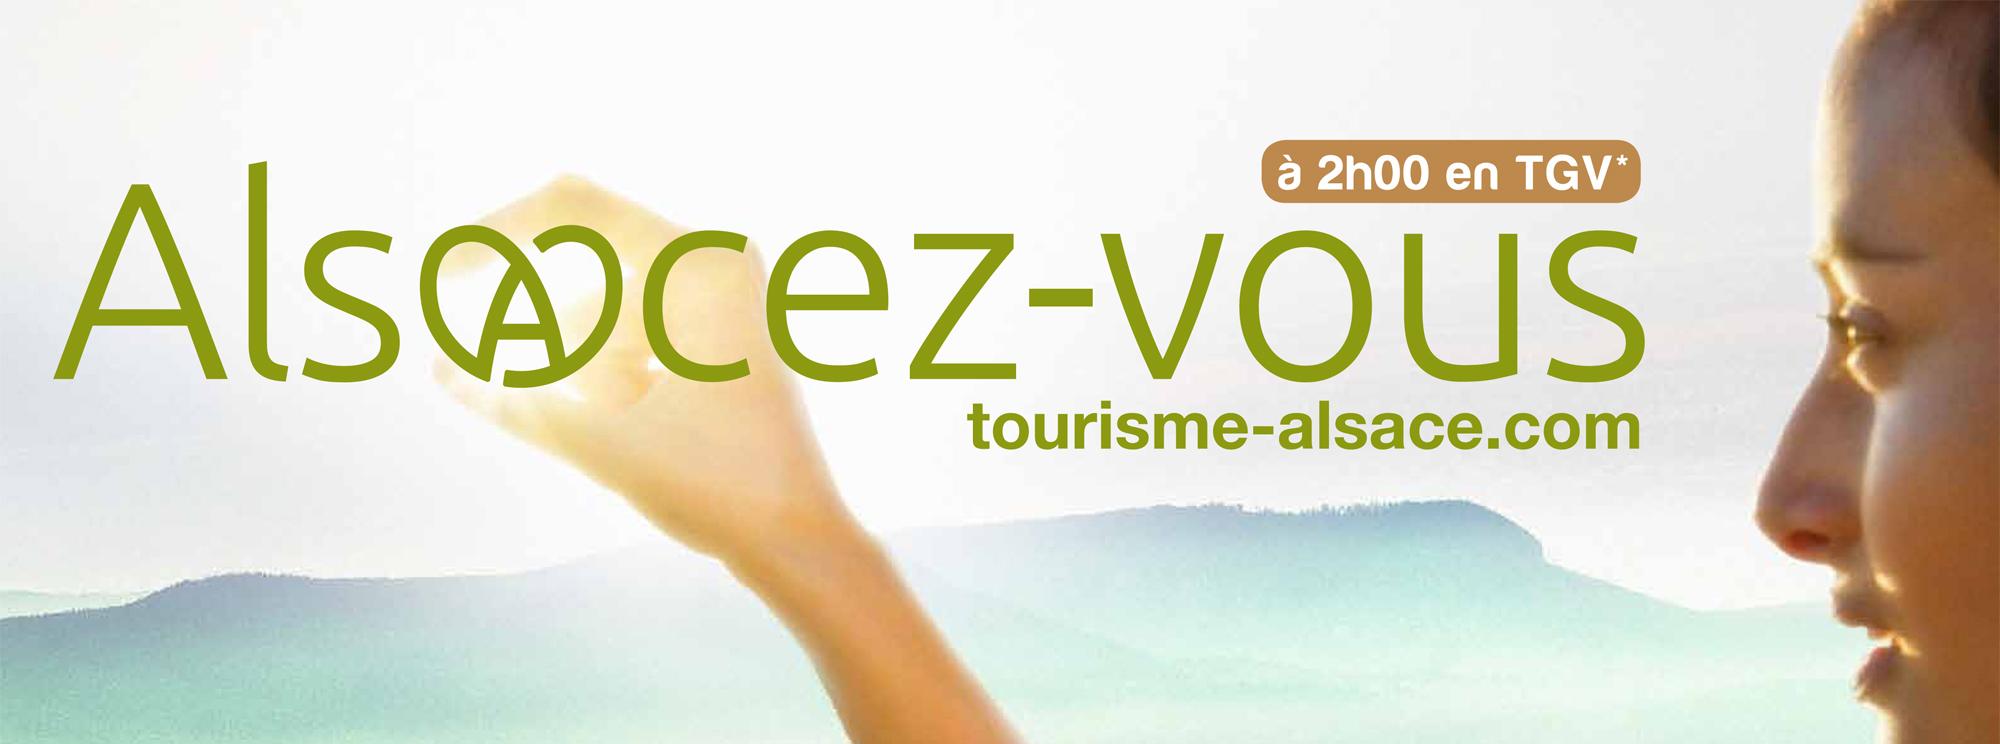 banniere Alsacezvous